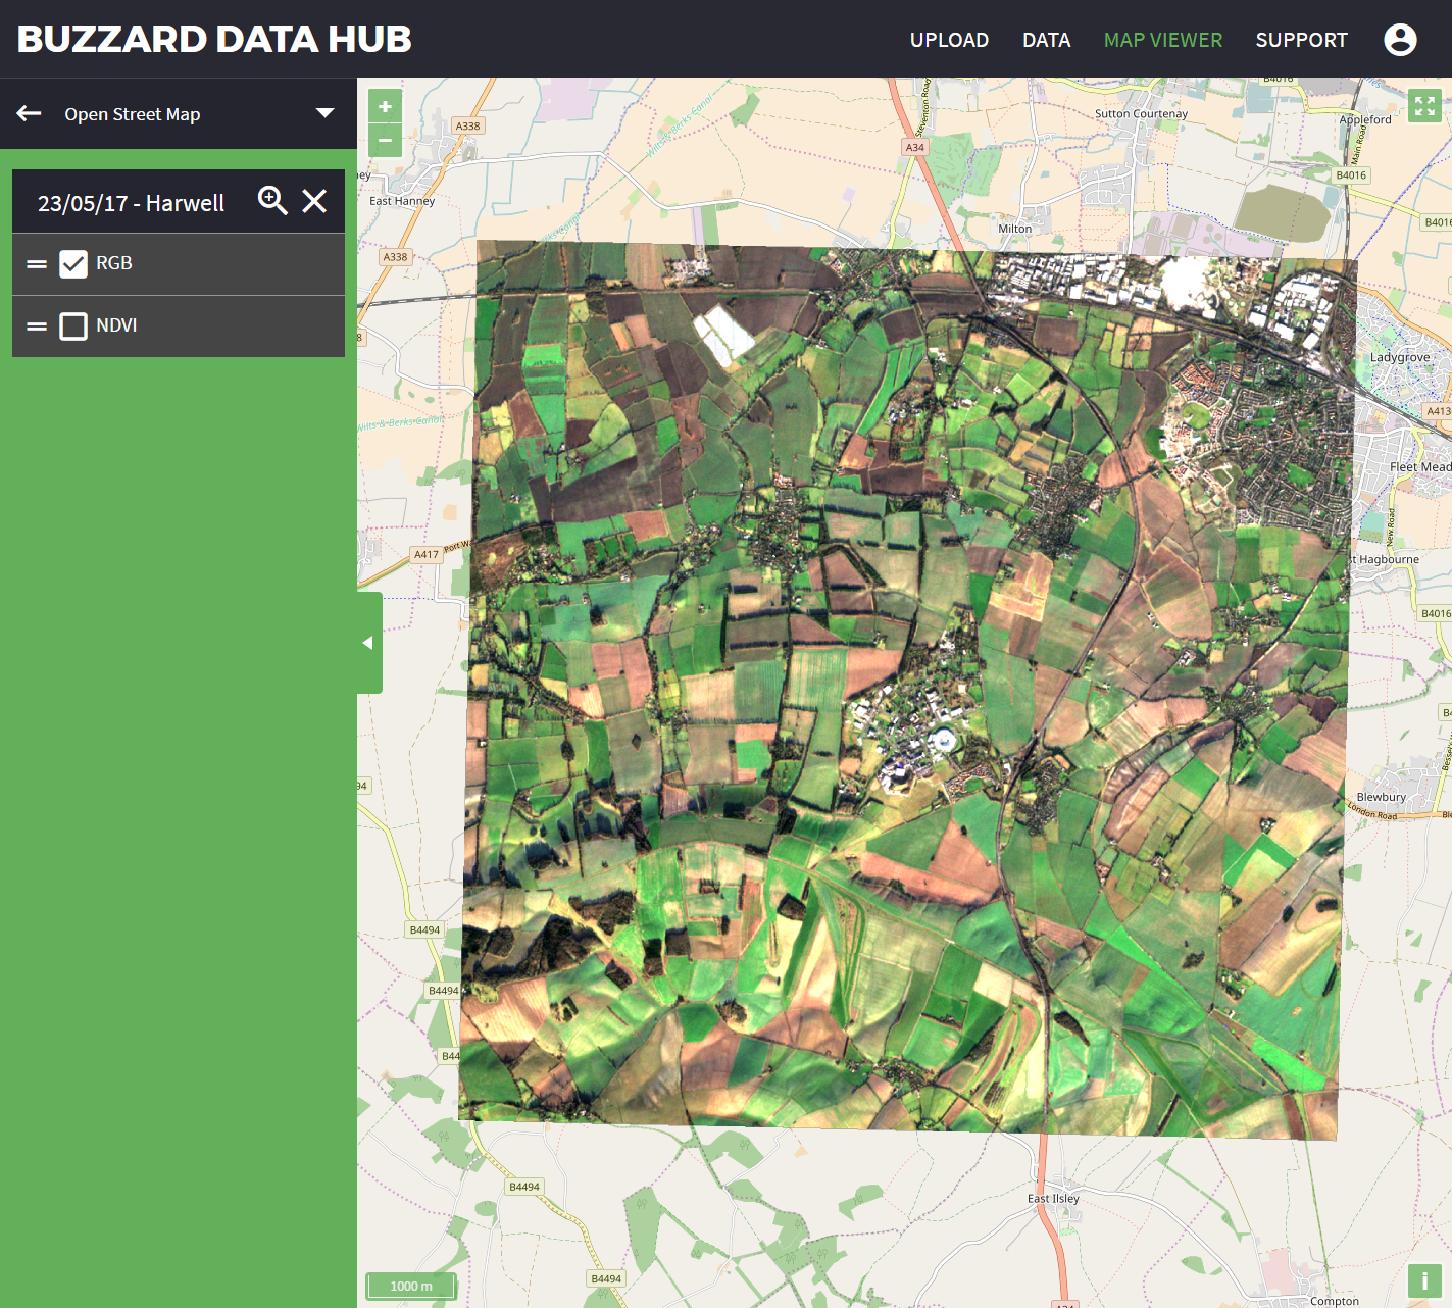 Buzzard Data Hub Desktop view.